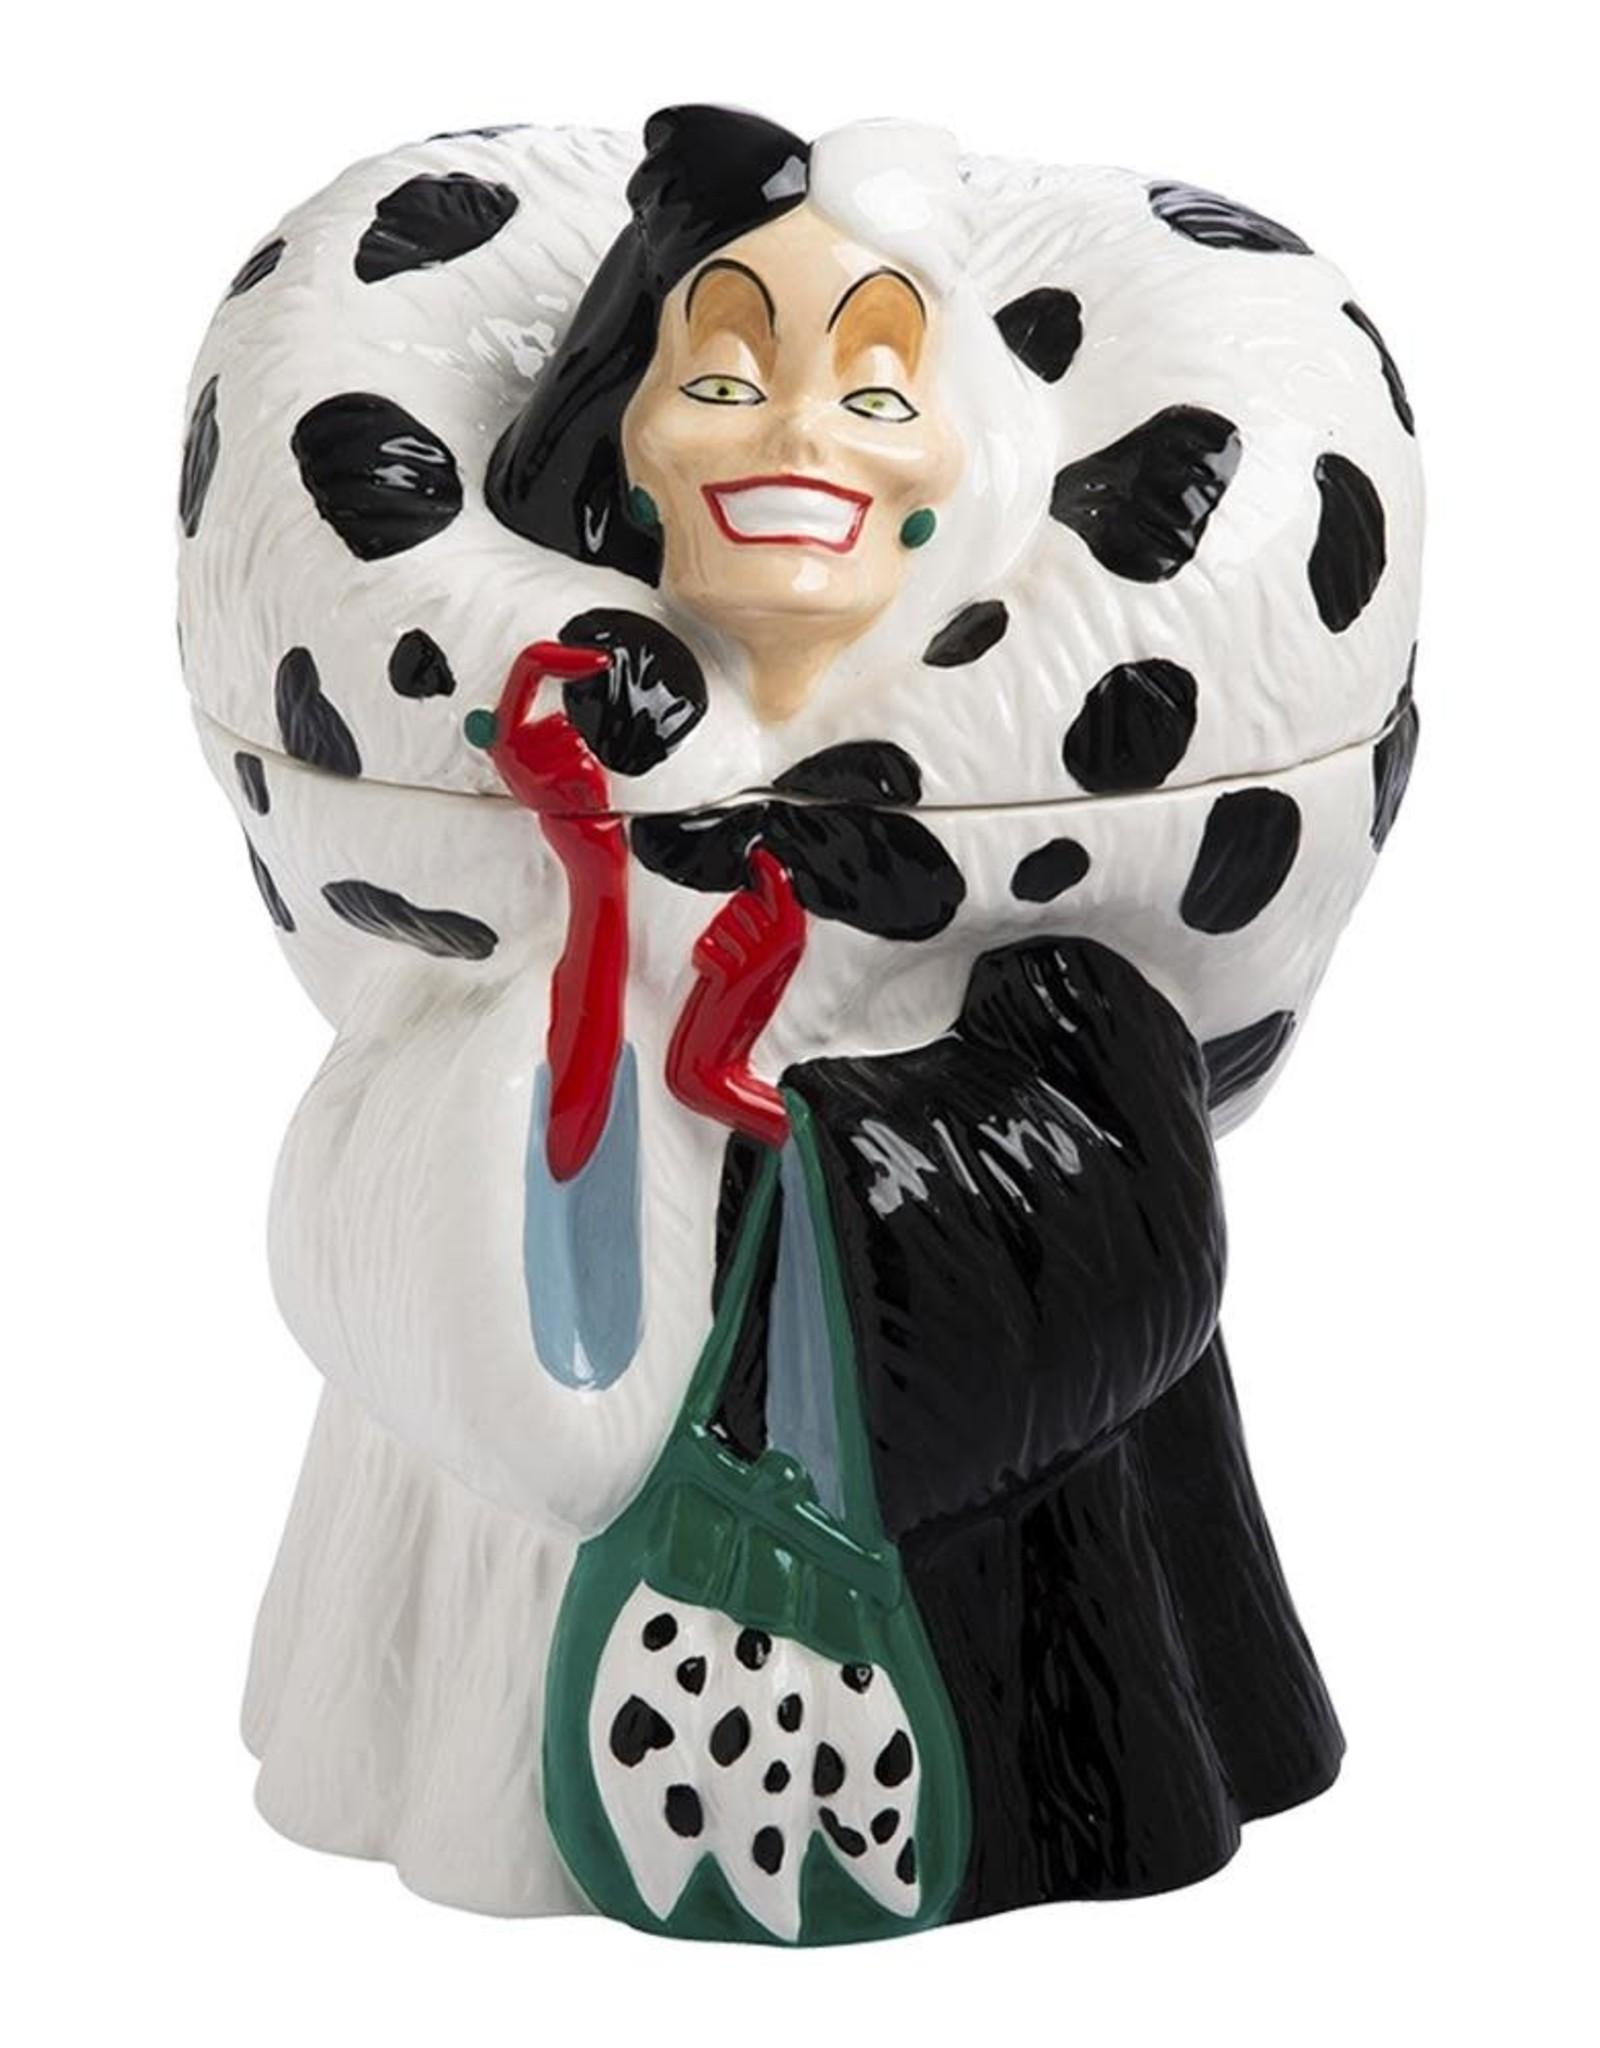 Cruella De Vil Sculpted Ceramic Cookie Jar